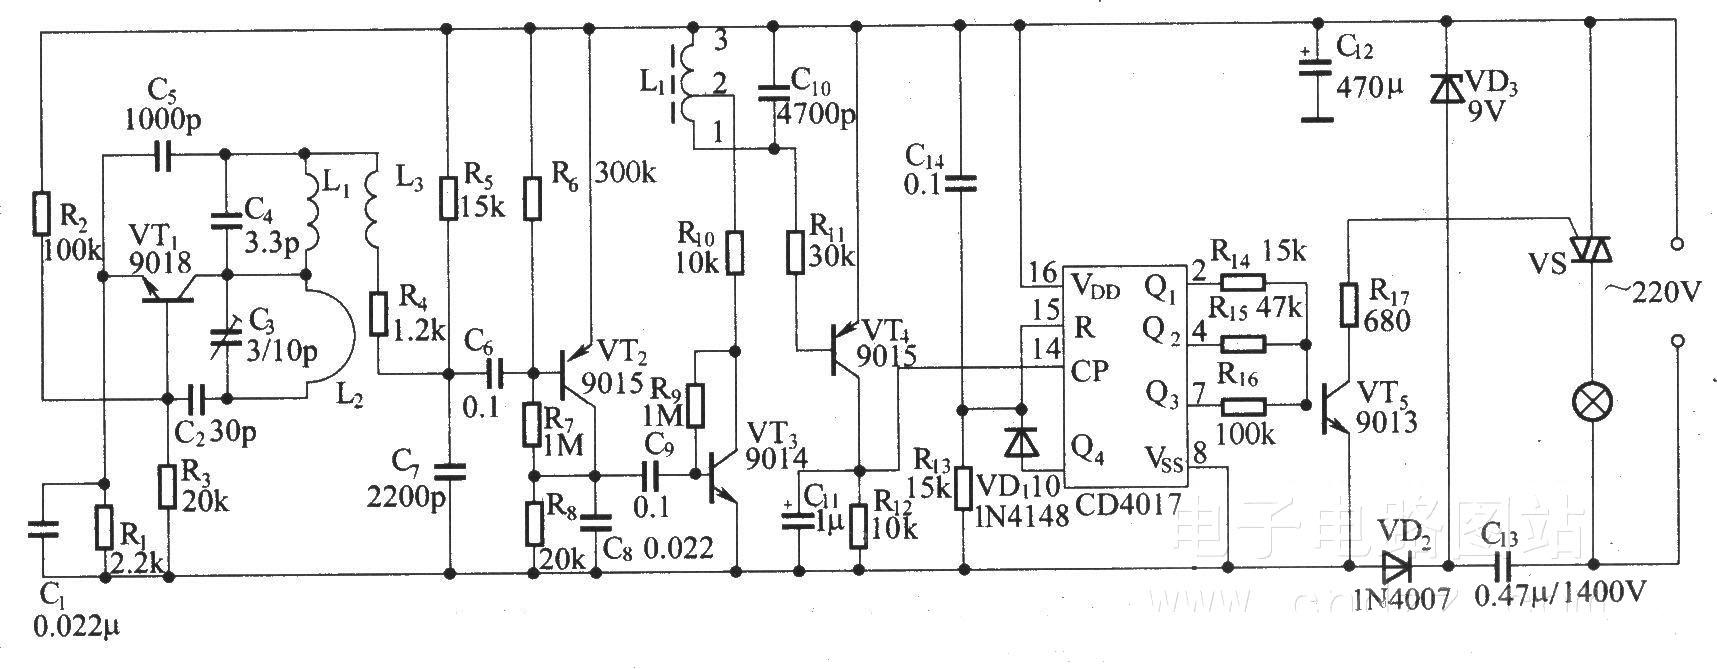 遥控调光调速接收器电路原理图